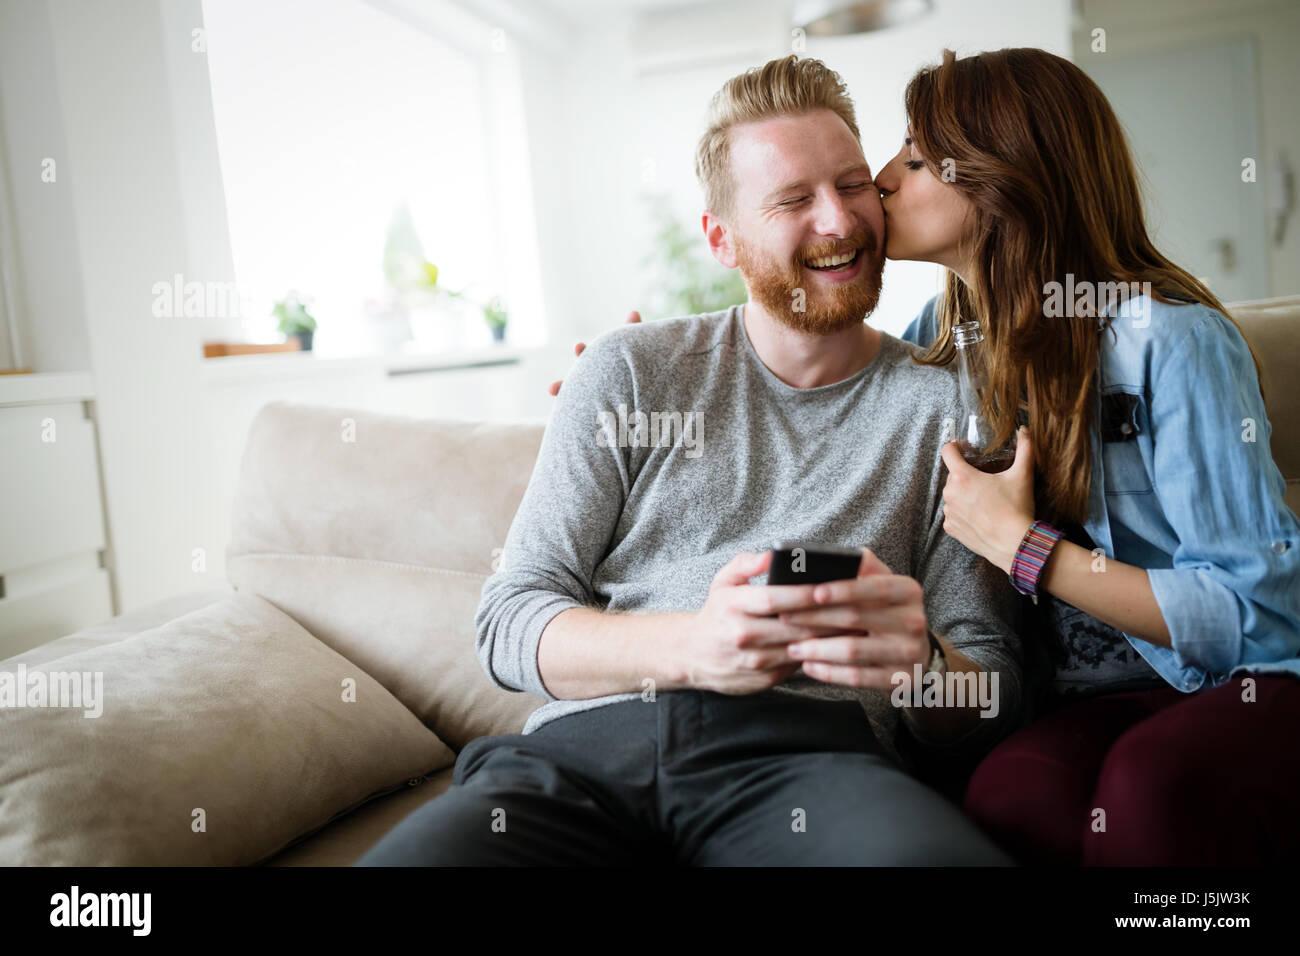 Romantischen jungen Paares zum Ausdruck ihrer Liebe durch küssen Stockbild